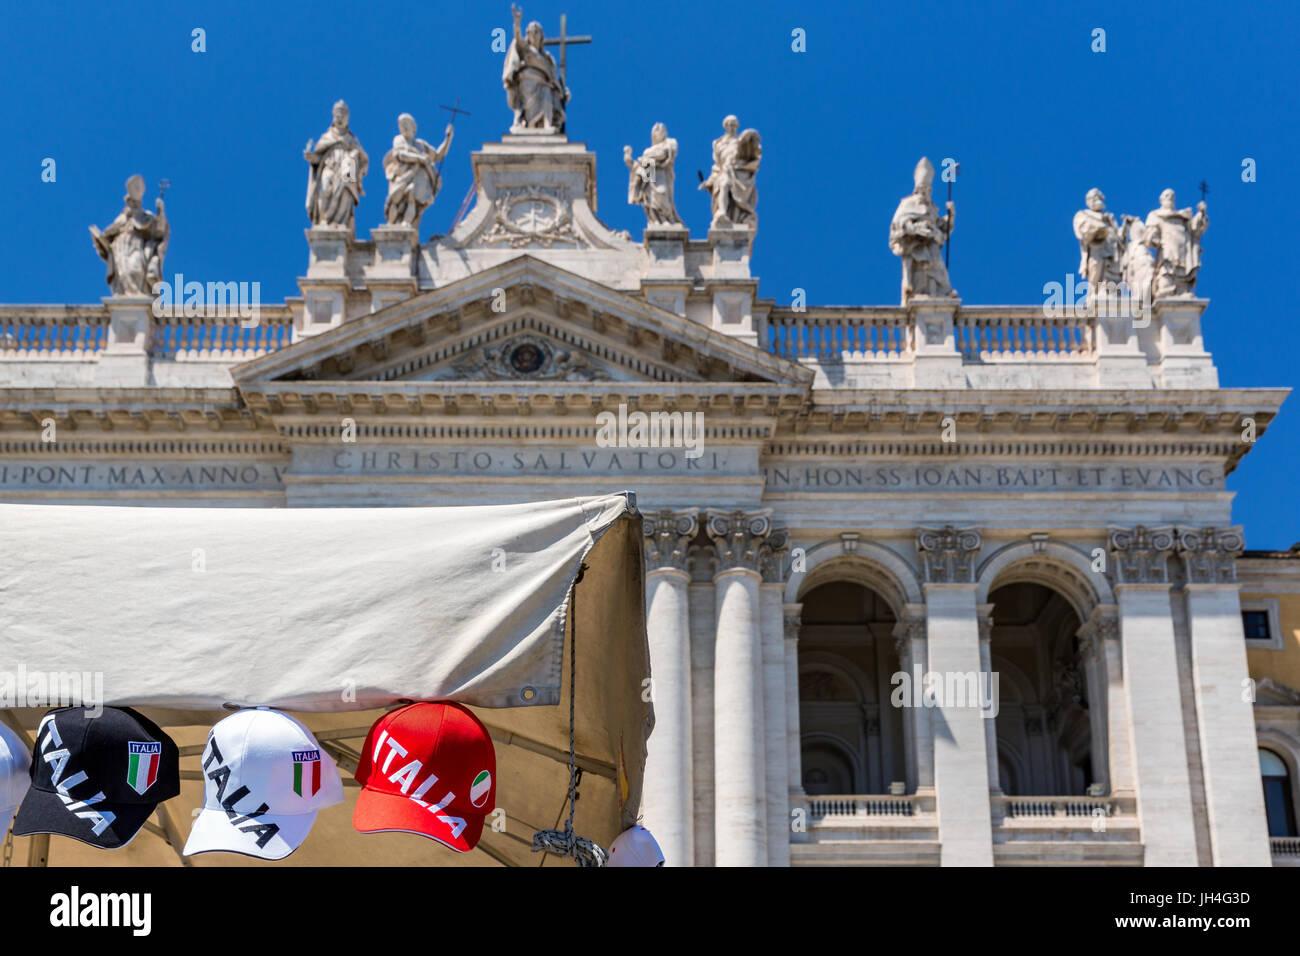 Italian baseball caps in front of Archbasilica of St. John Lateran (Arcibasilica Papale di San Giovanni in Laterano), - Stock Image